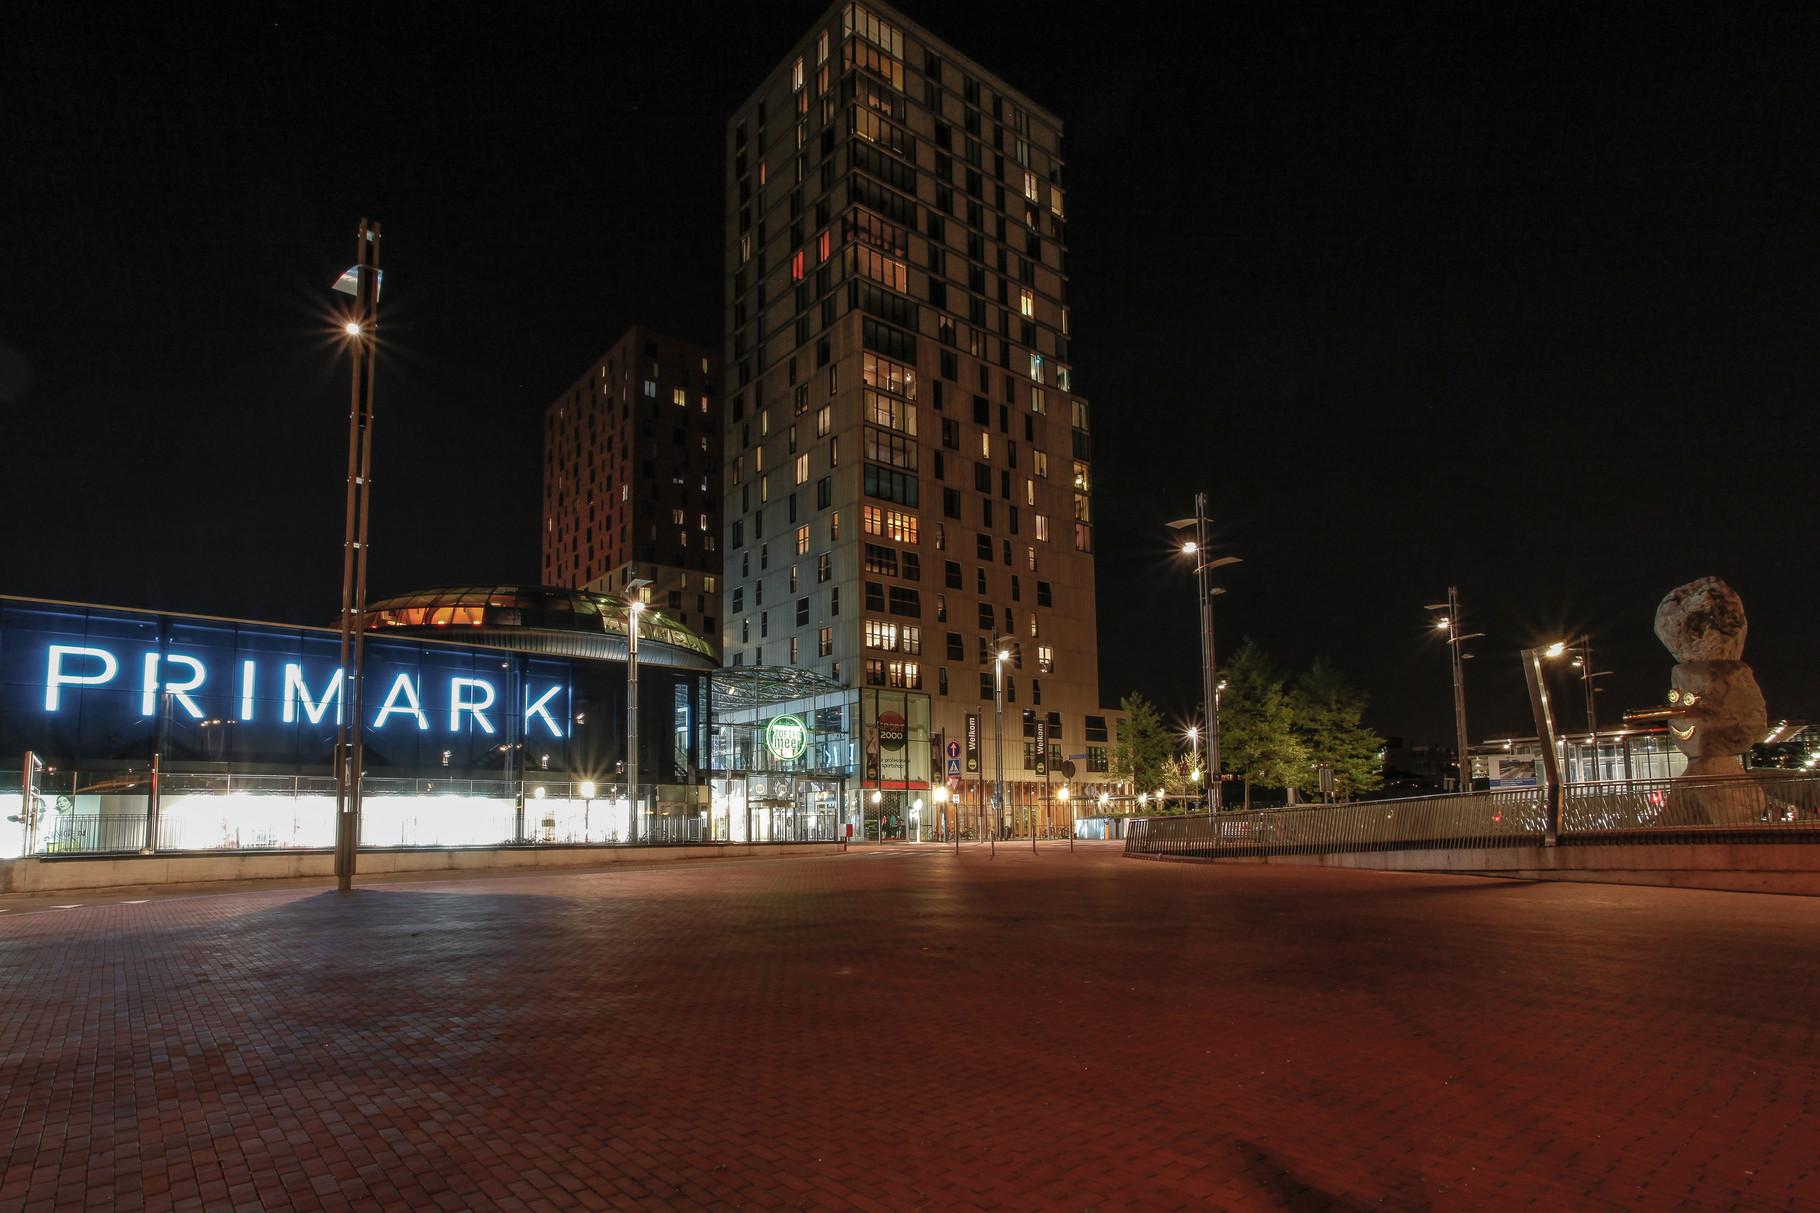 Nachtfoto Primark Zoetermeer - DOKOE Fotografie